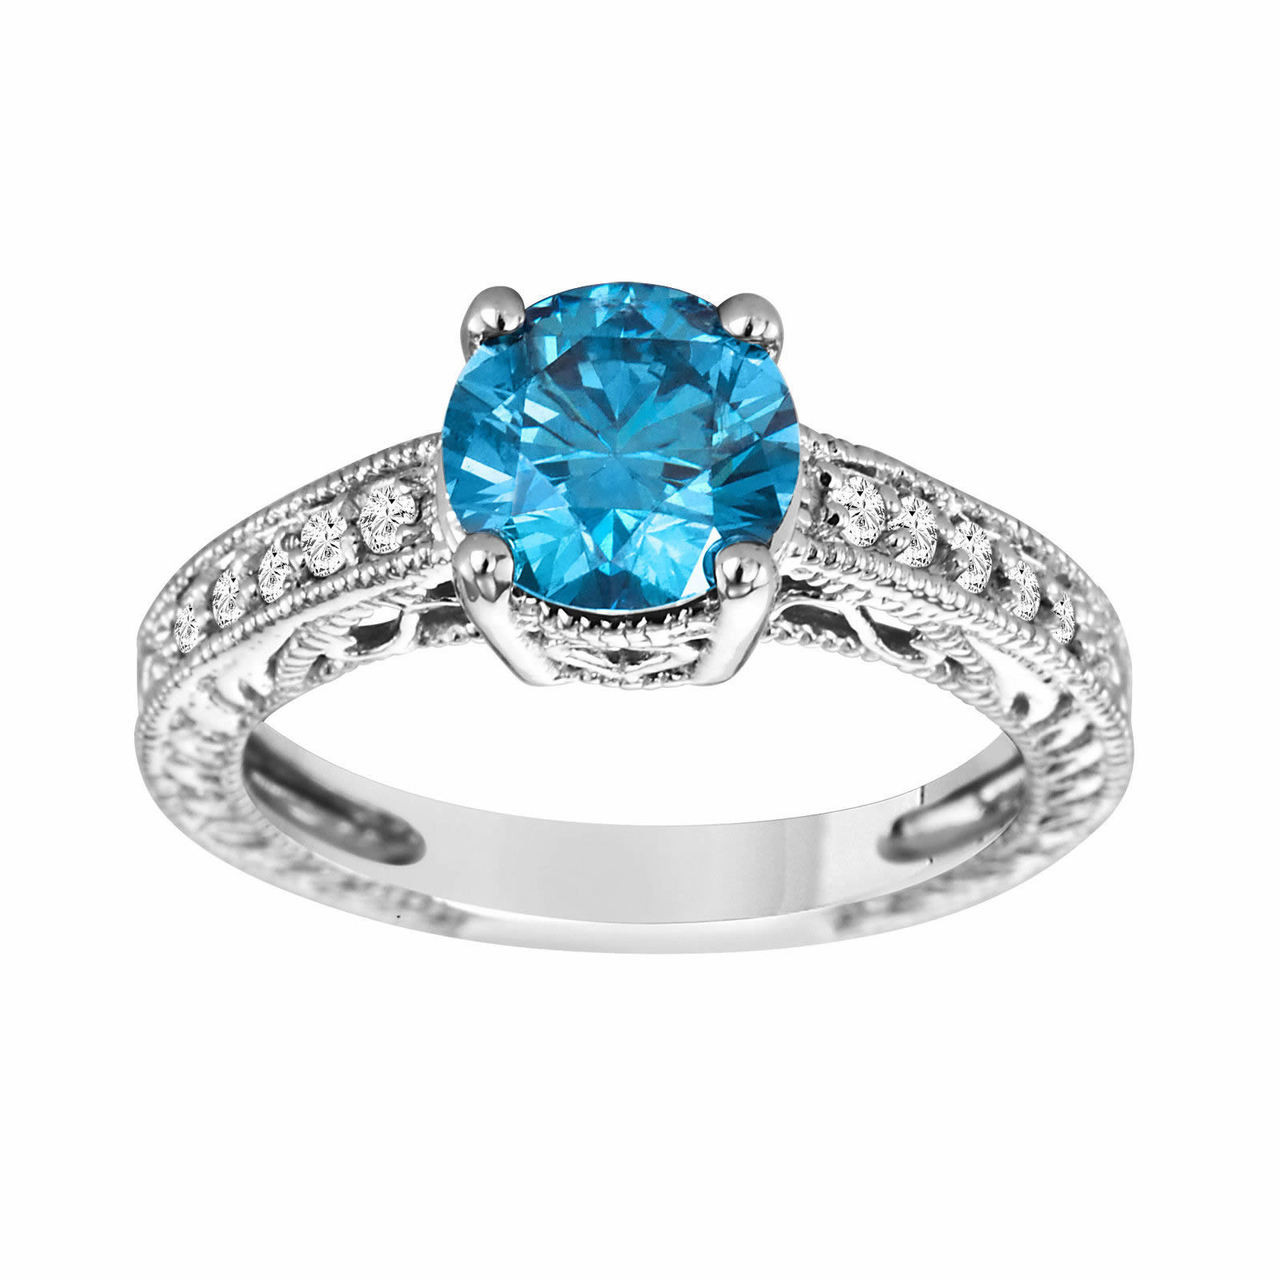 Fancy Blue Diamond Engagement Ring 14k White Gold